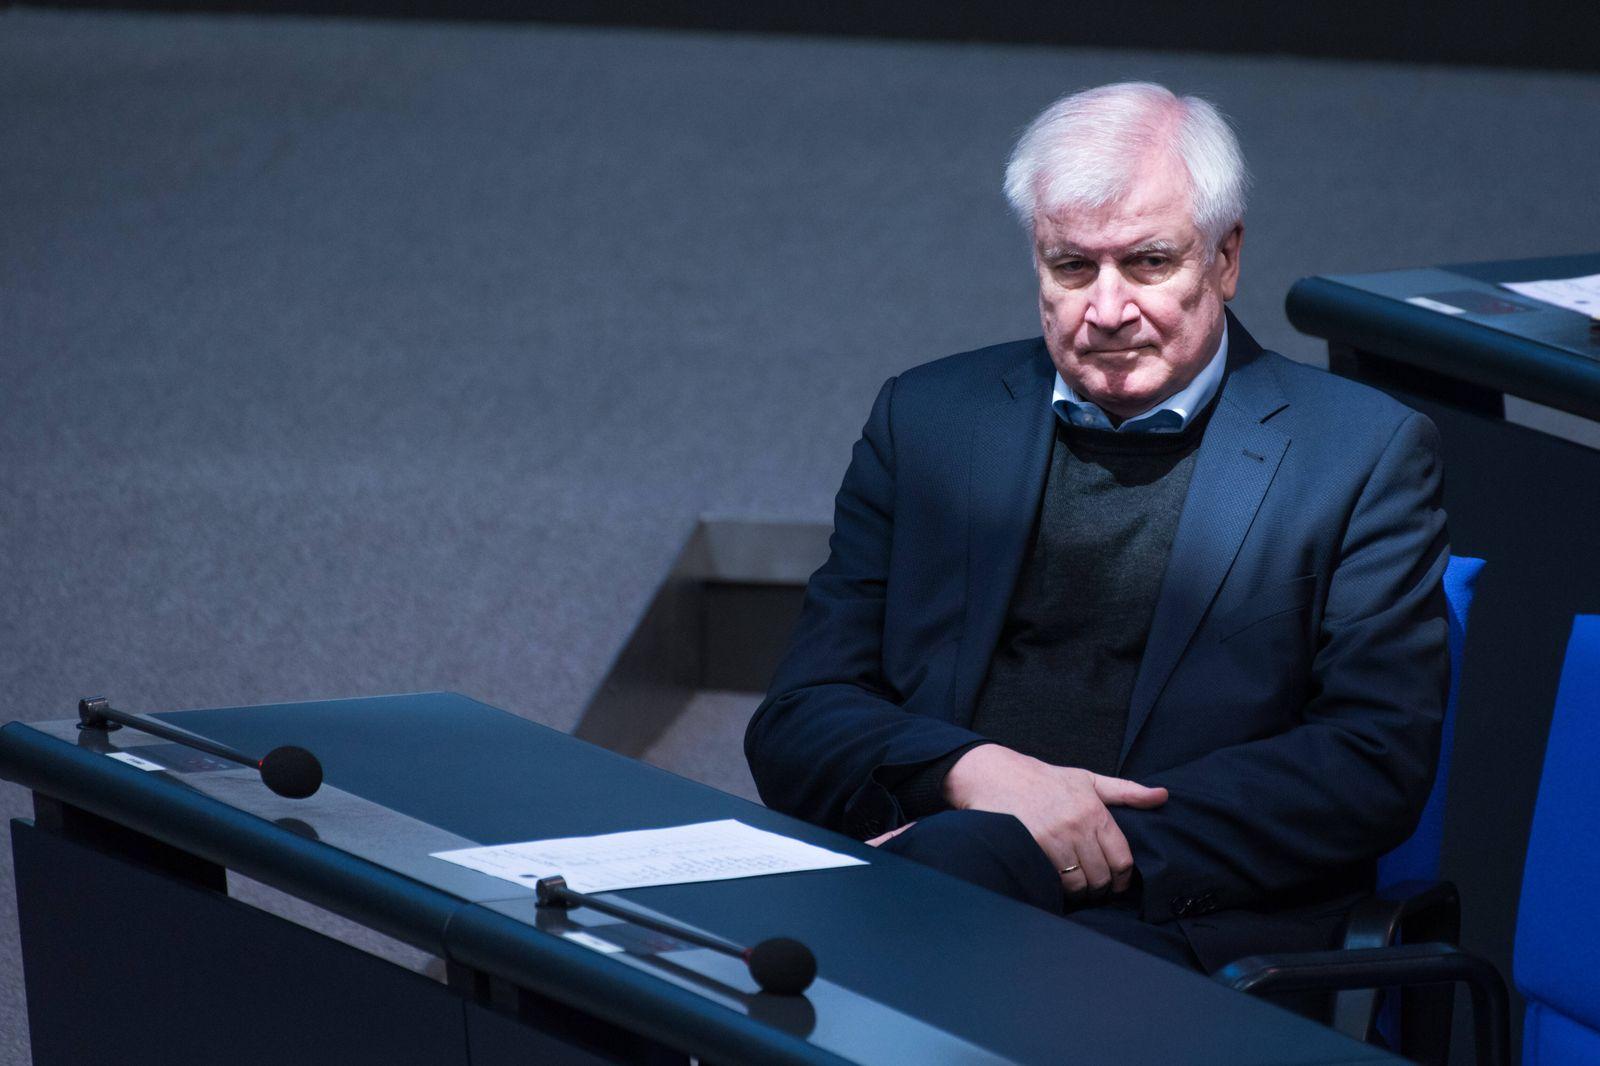 Berlin, Plenarsitzung im Bundestag Deutschland, Berlin - 27.11.2020: Im Bild ist Horst Seehofer (Bundesministerium des